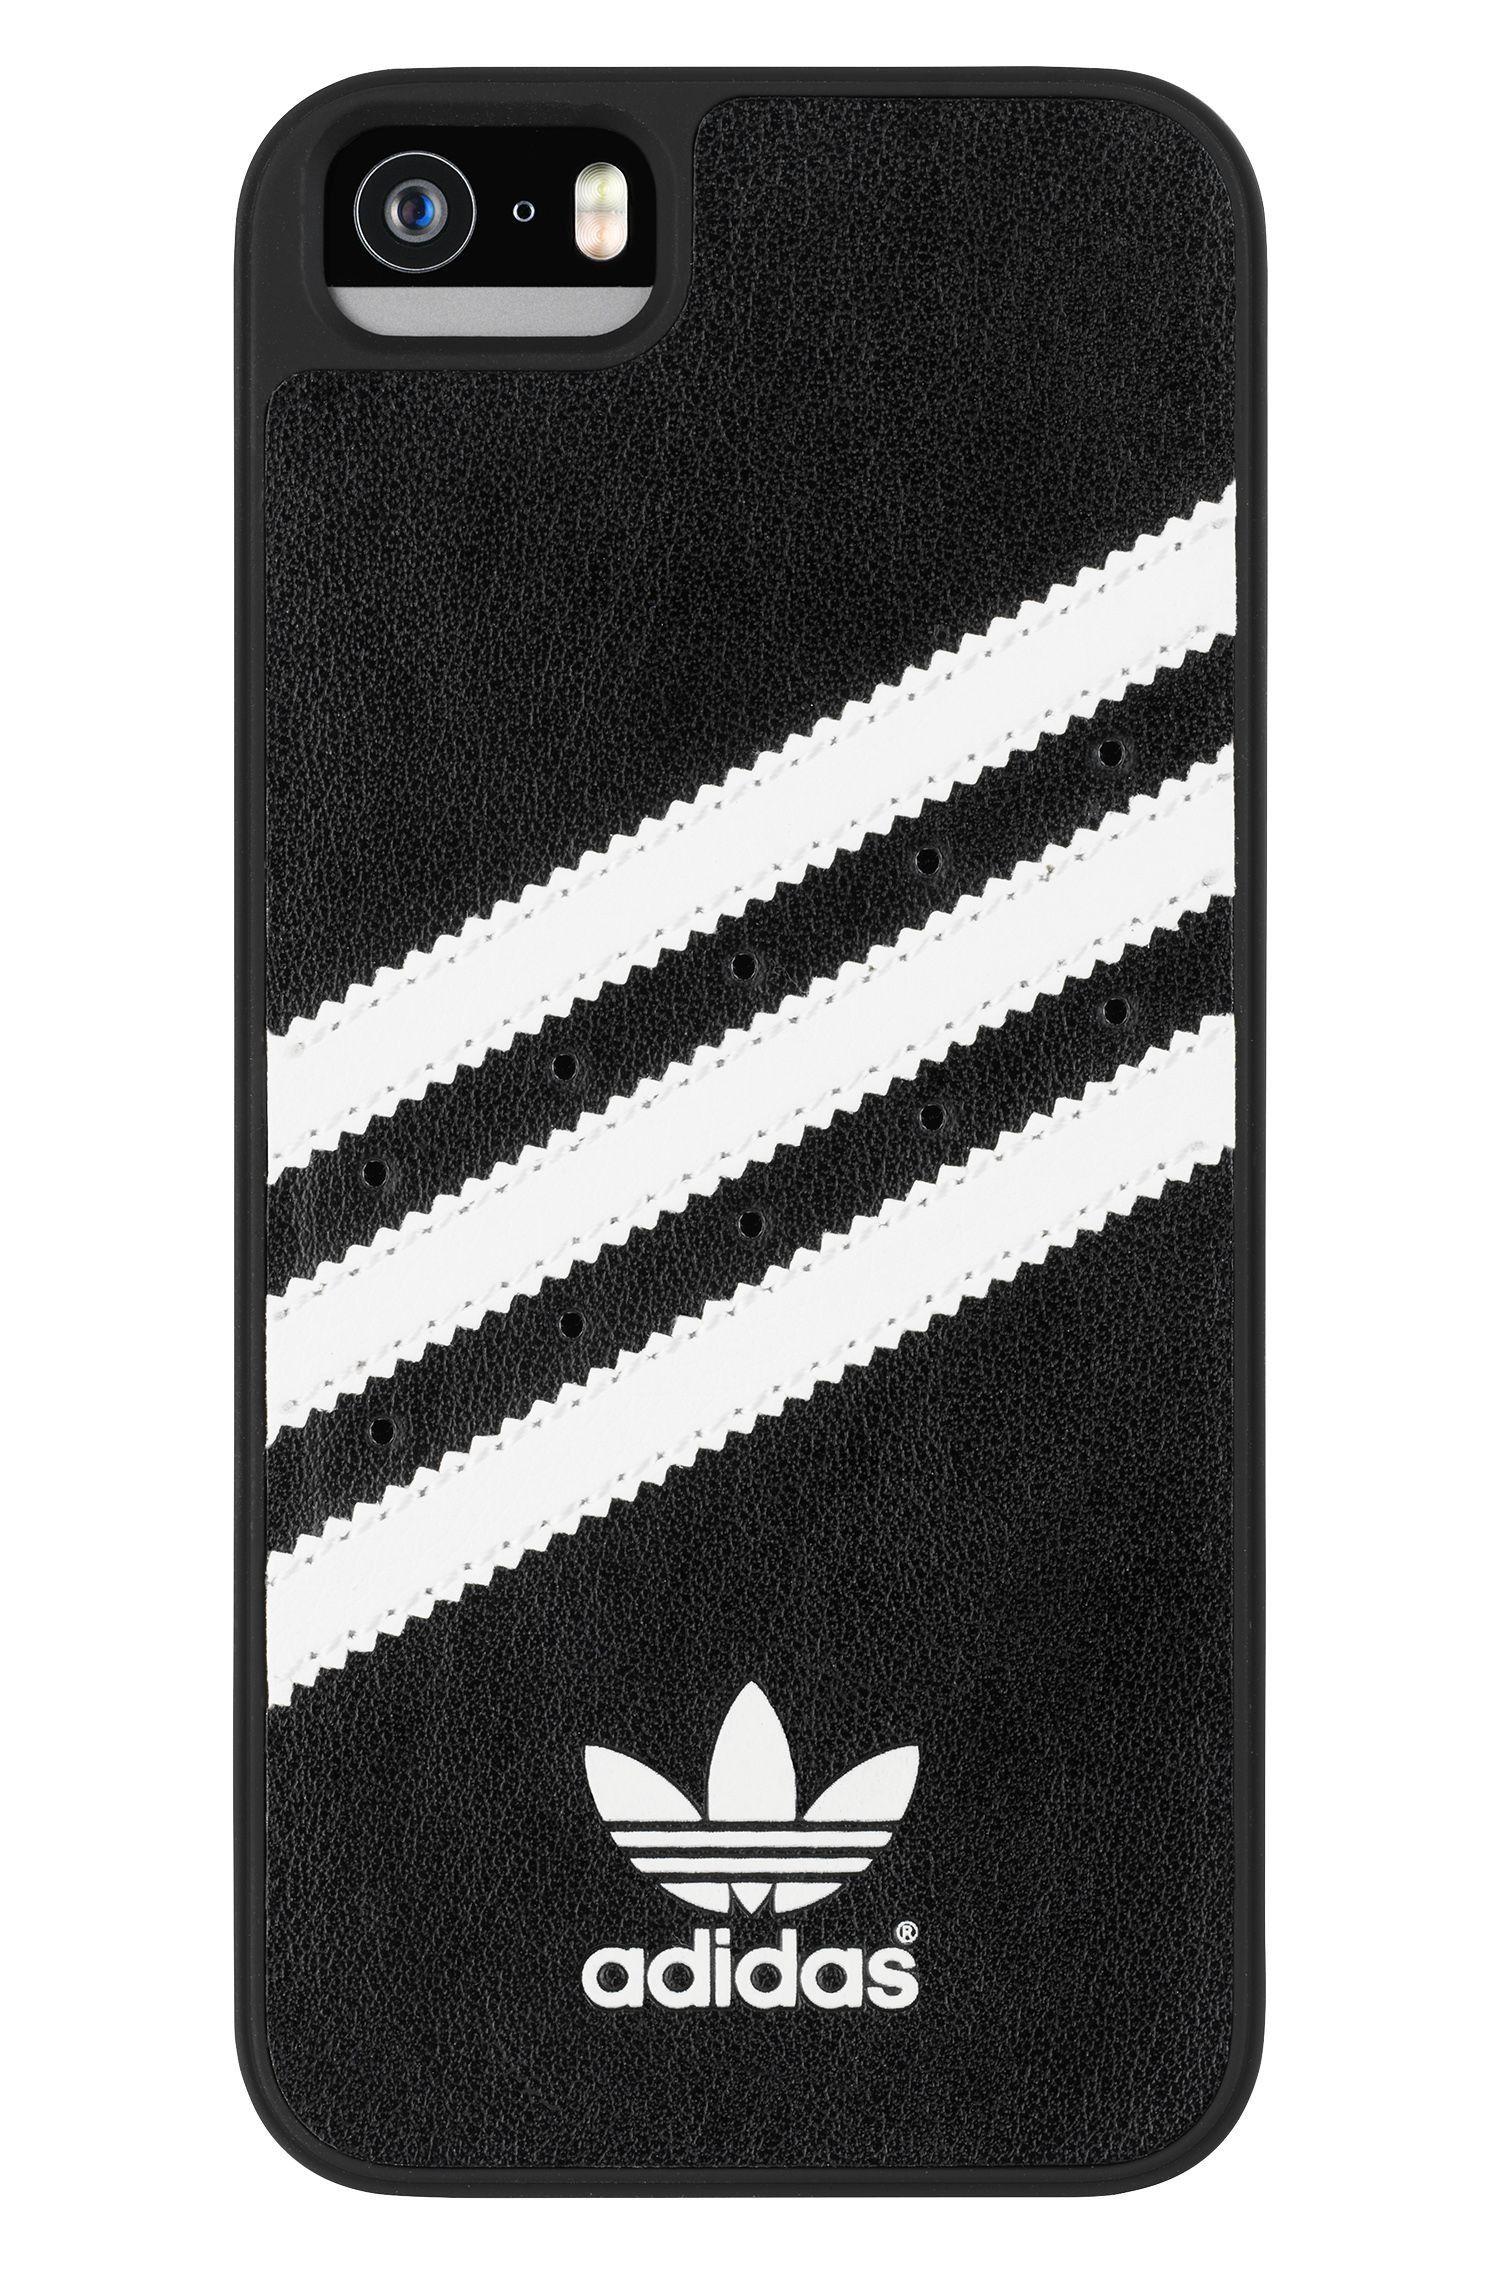 6384367718 Carcasa para iPhone 5 5S Adidas Moulded Negra y Blanca